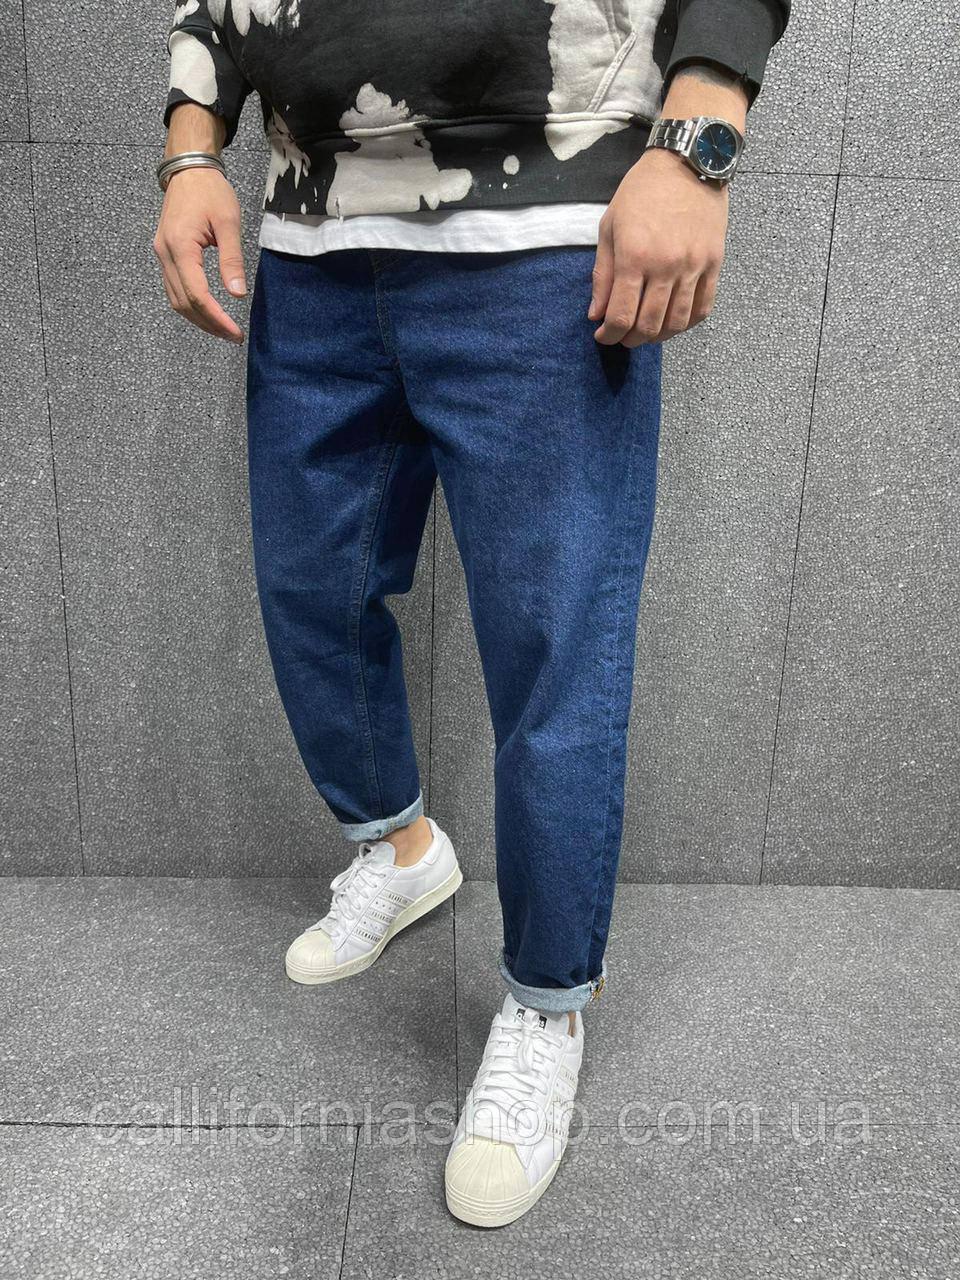 Мужские джинсы МОМ синие однотонные прямые свободные  демисезонные, Турция